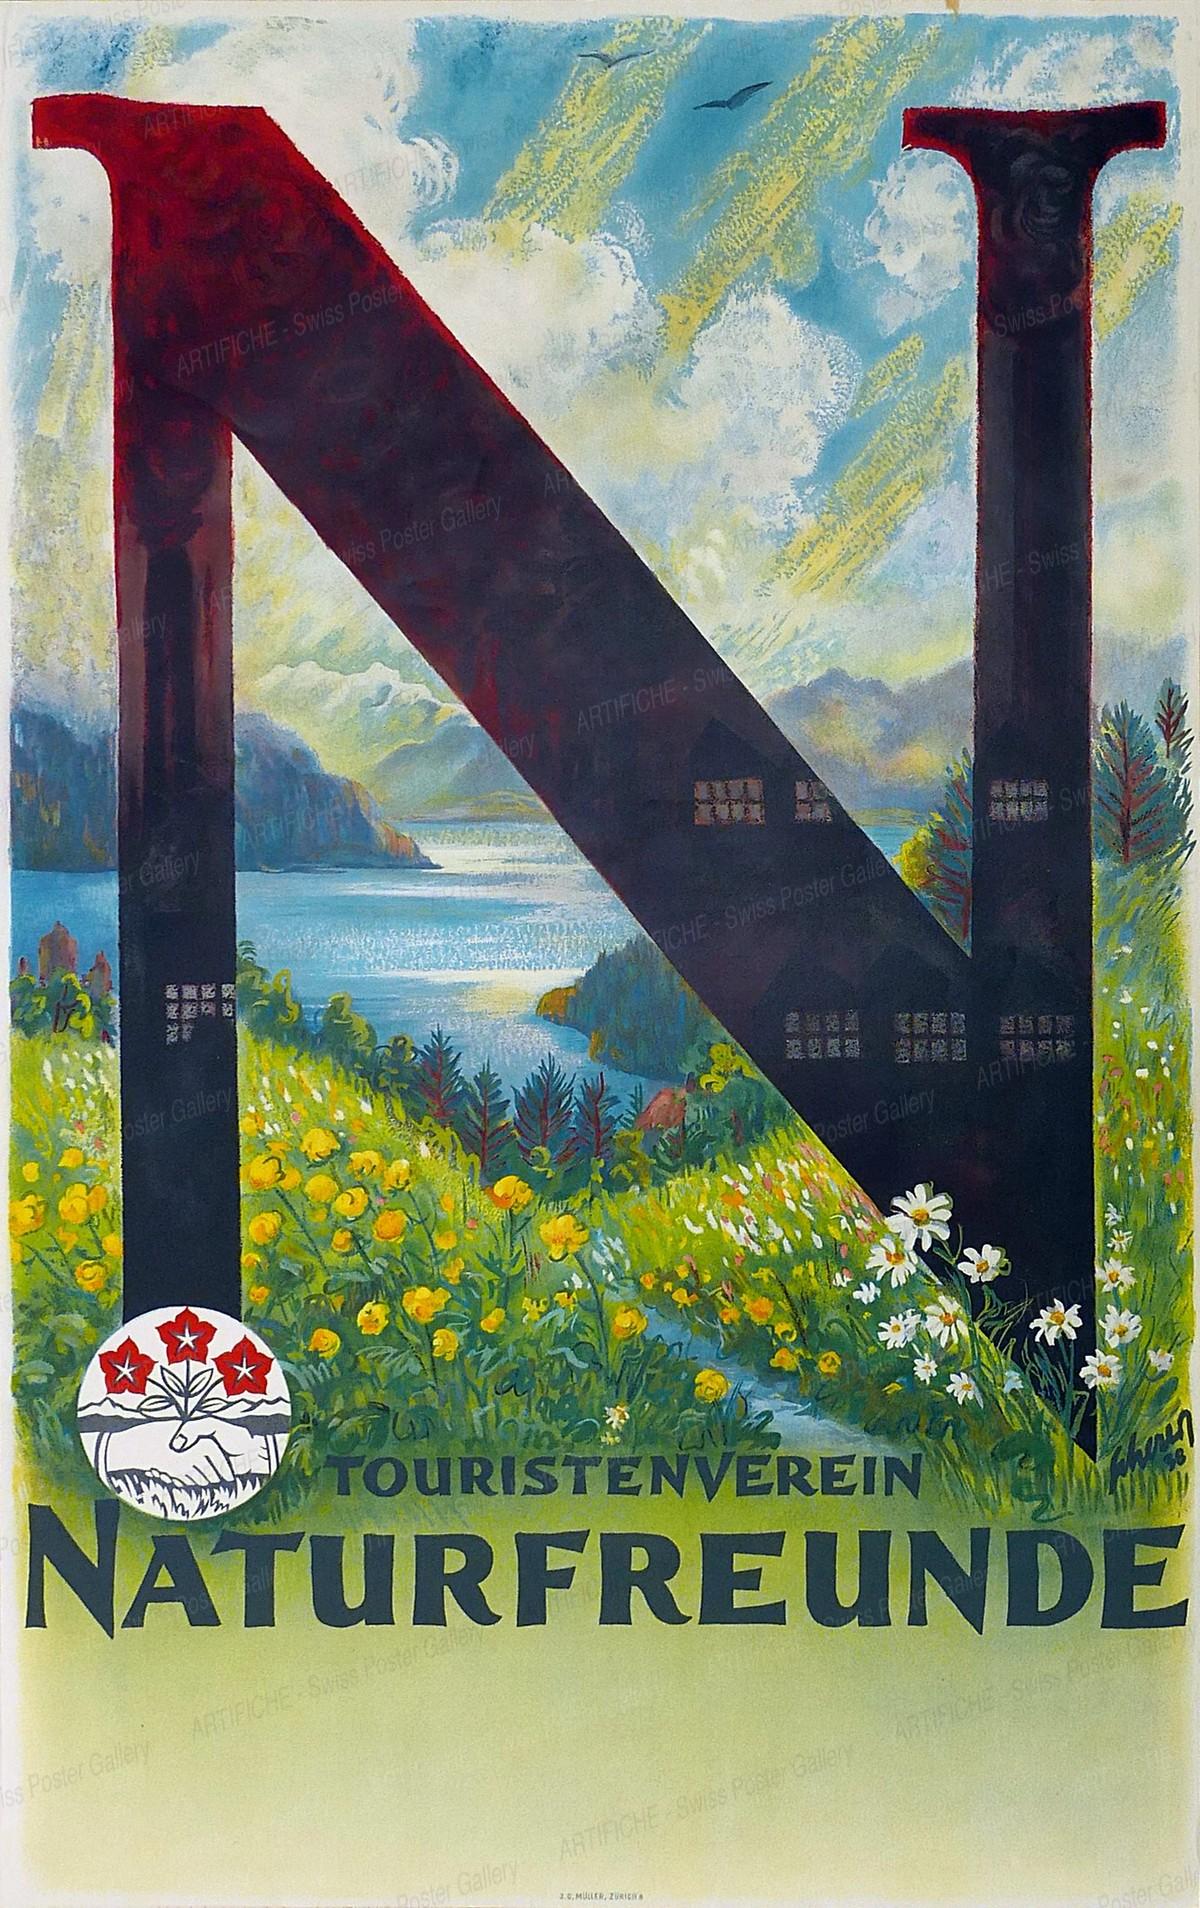 Touristenverein Naturfreunde, Carl Scherer